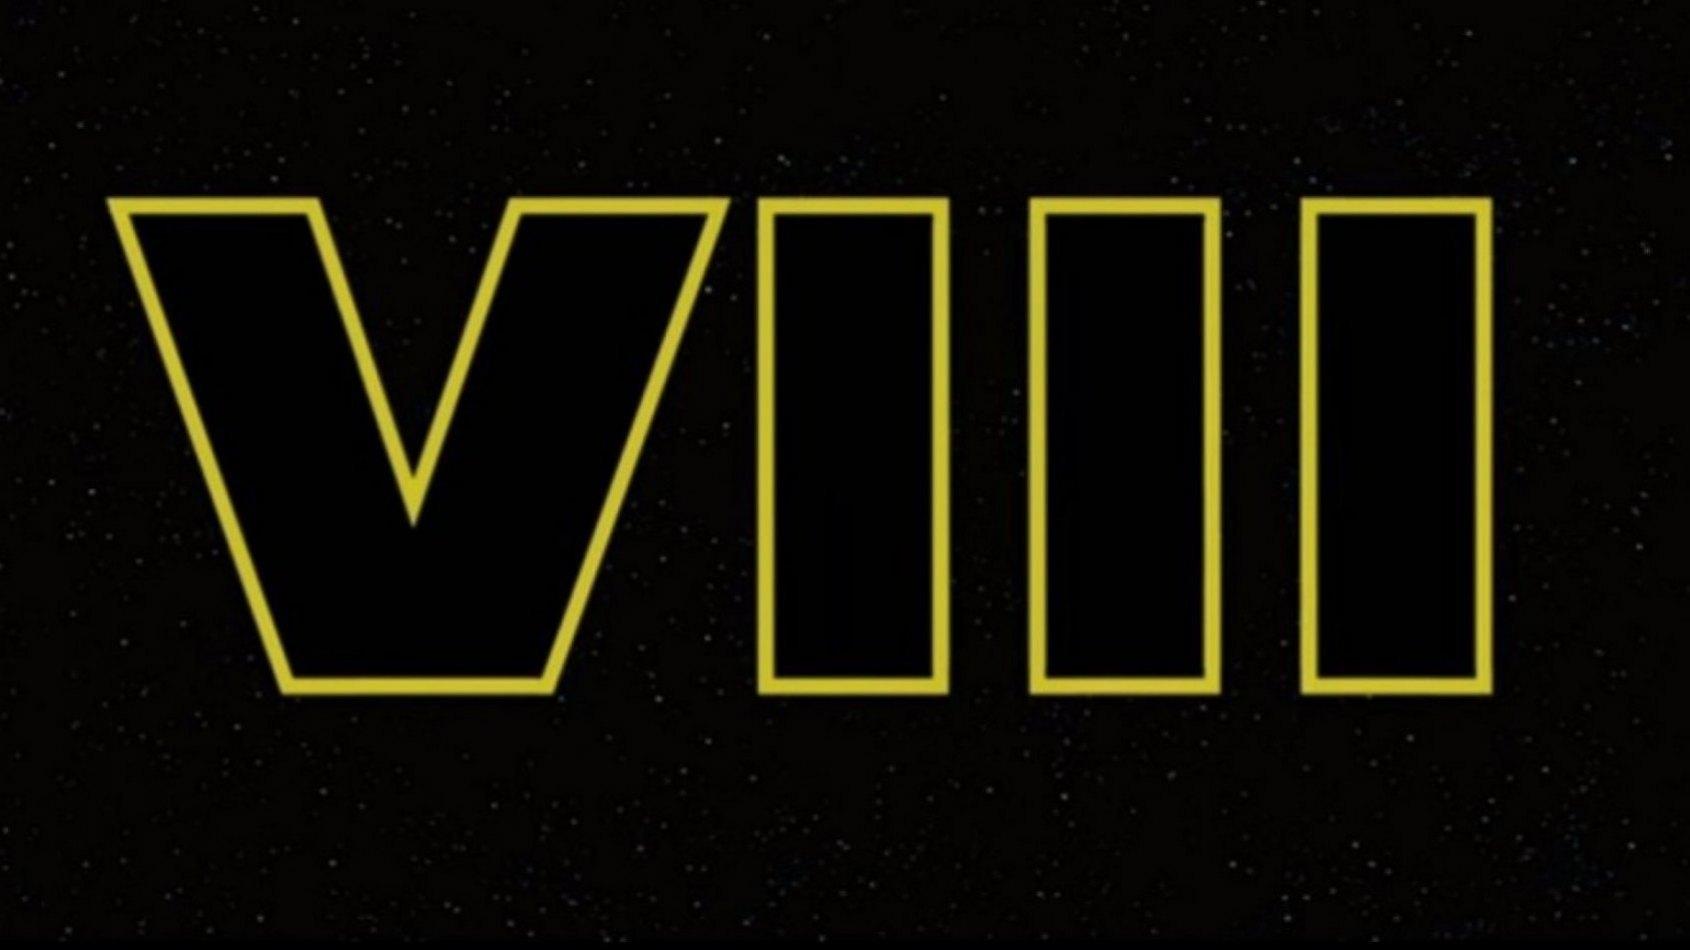 Des photos et des infos sur le tournage de Star Wars Episode VIII